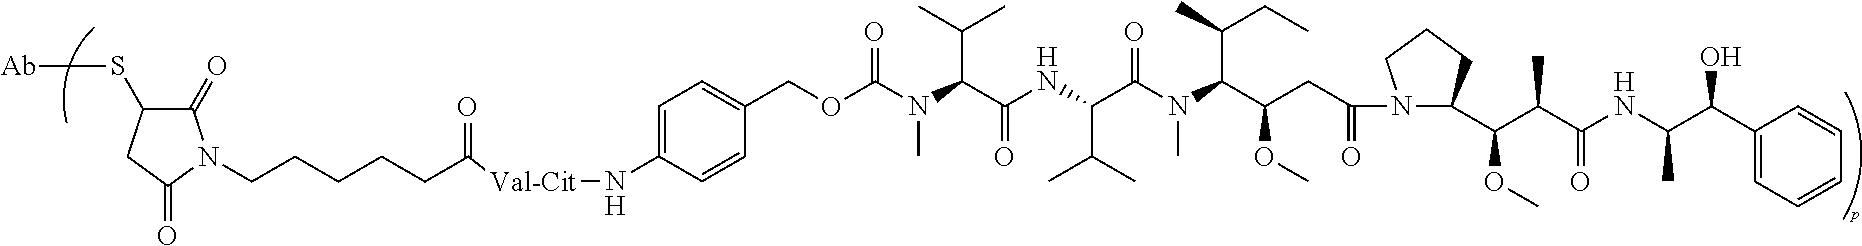 Figure US10059768-20180828-C00009